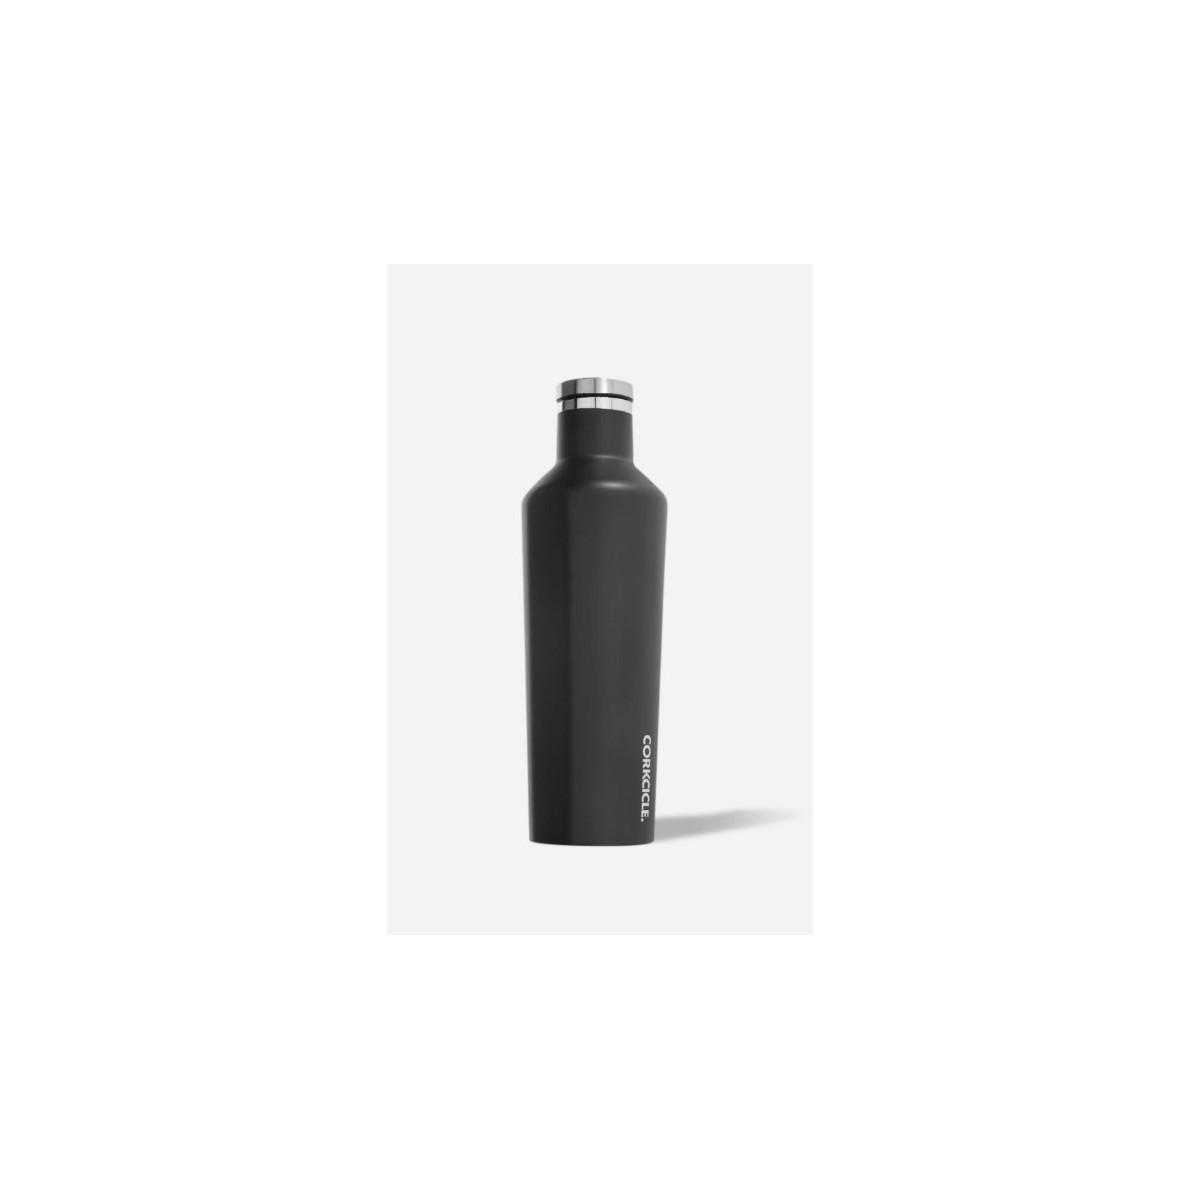 Borraccia termica - Black 16oz